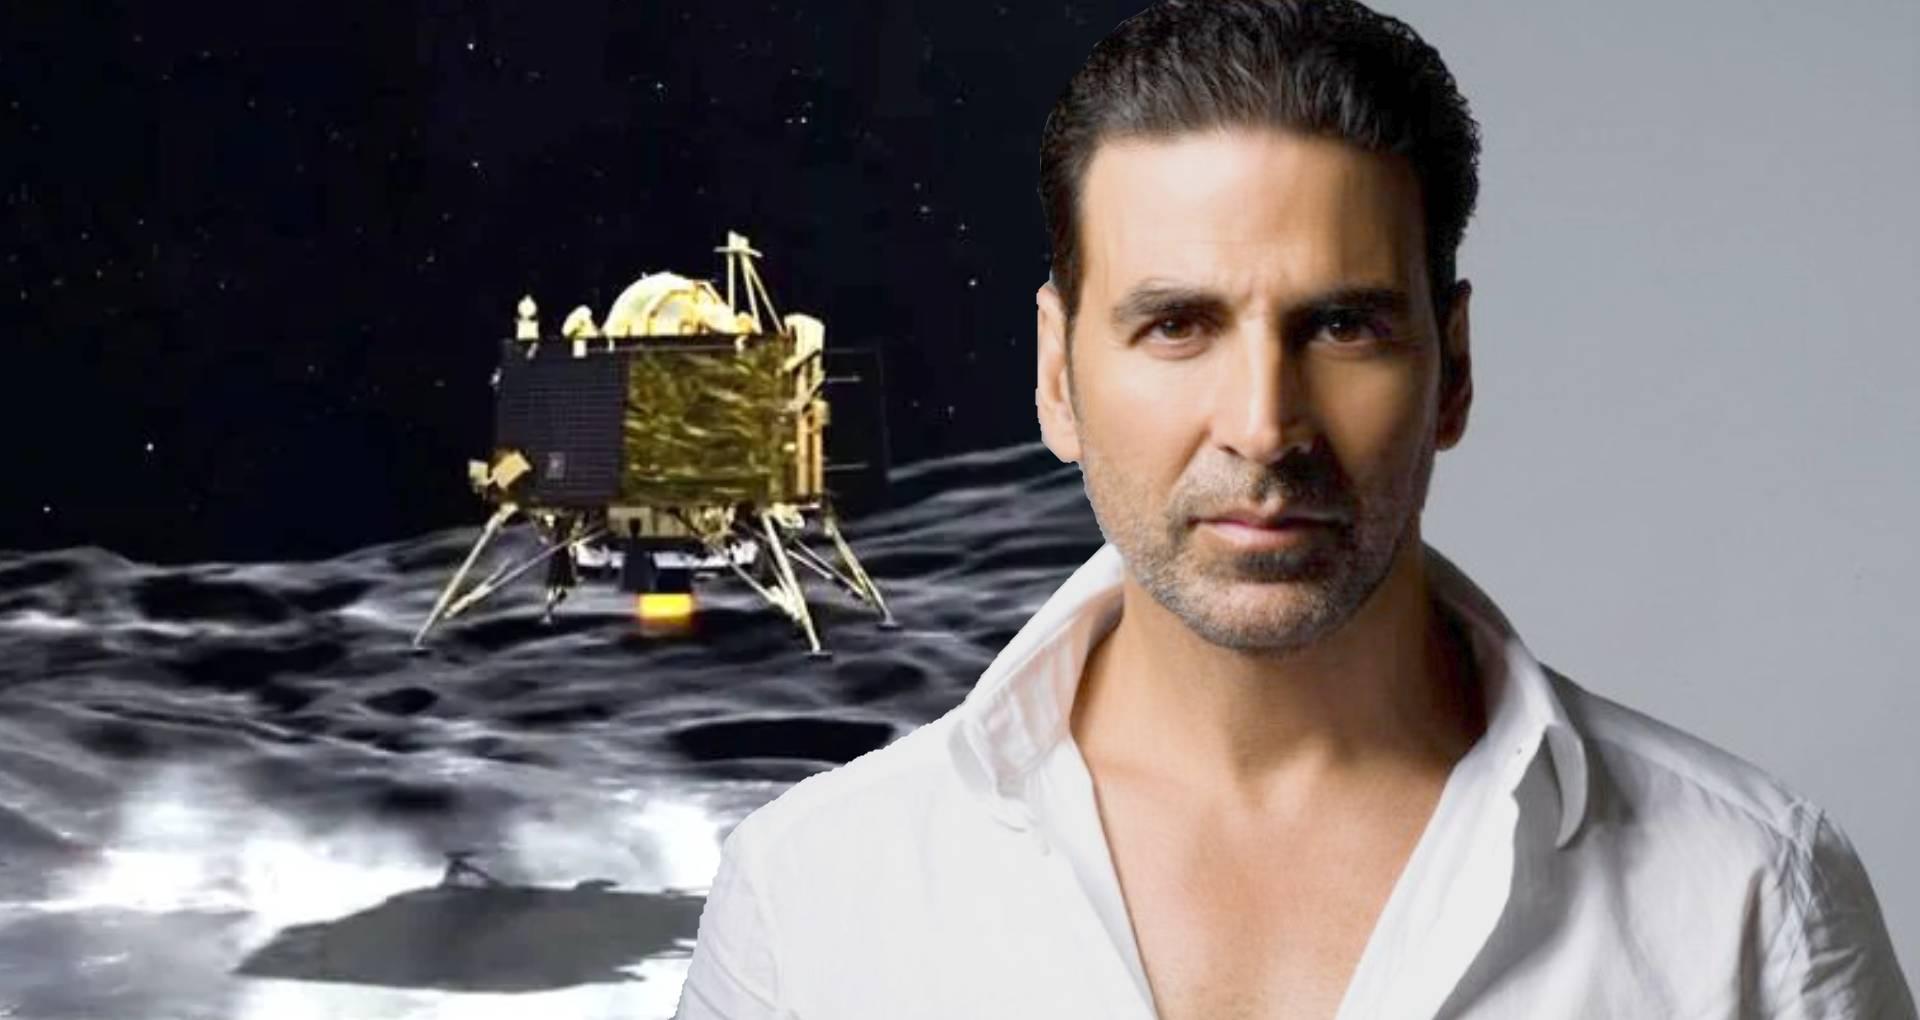 अक्षय कुमार क्या सच में चंद्रयान 3 के लिए दे रहे हैं मिशन मंगल की कमाई? फिल्म के डायरेक्टर ने बताई ये सच्चाई